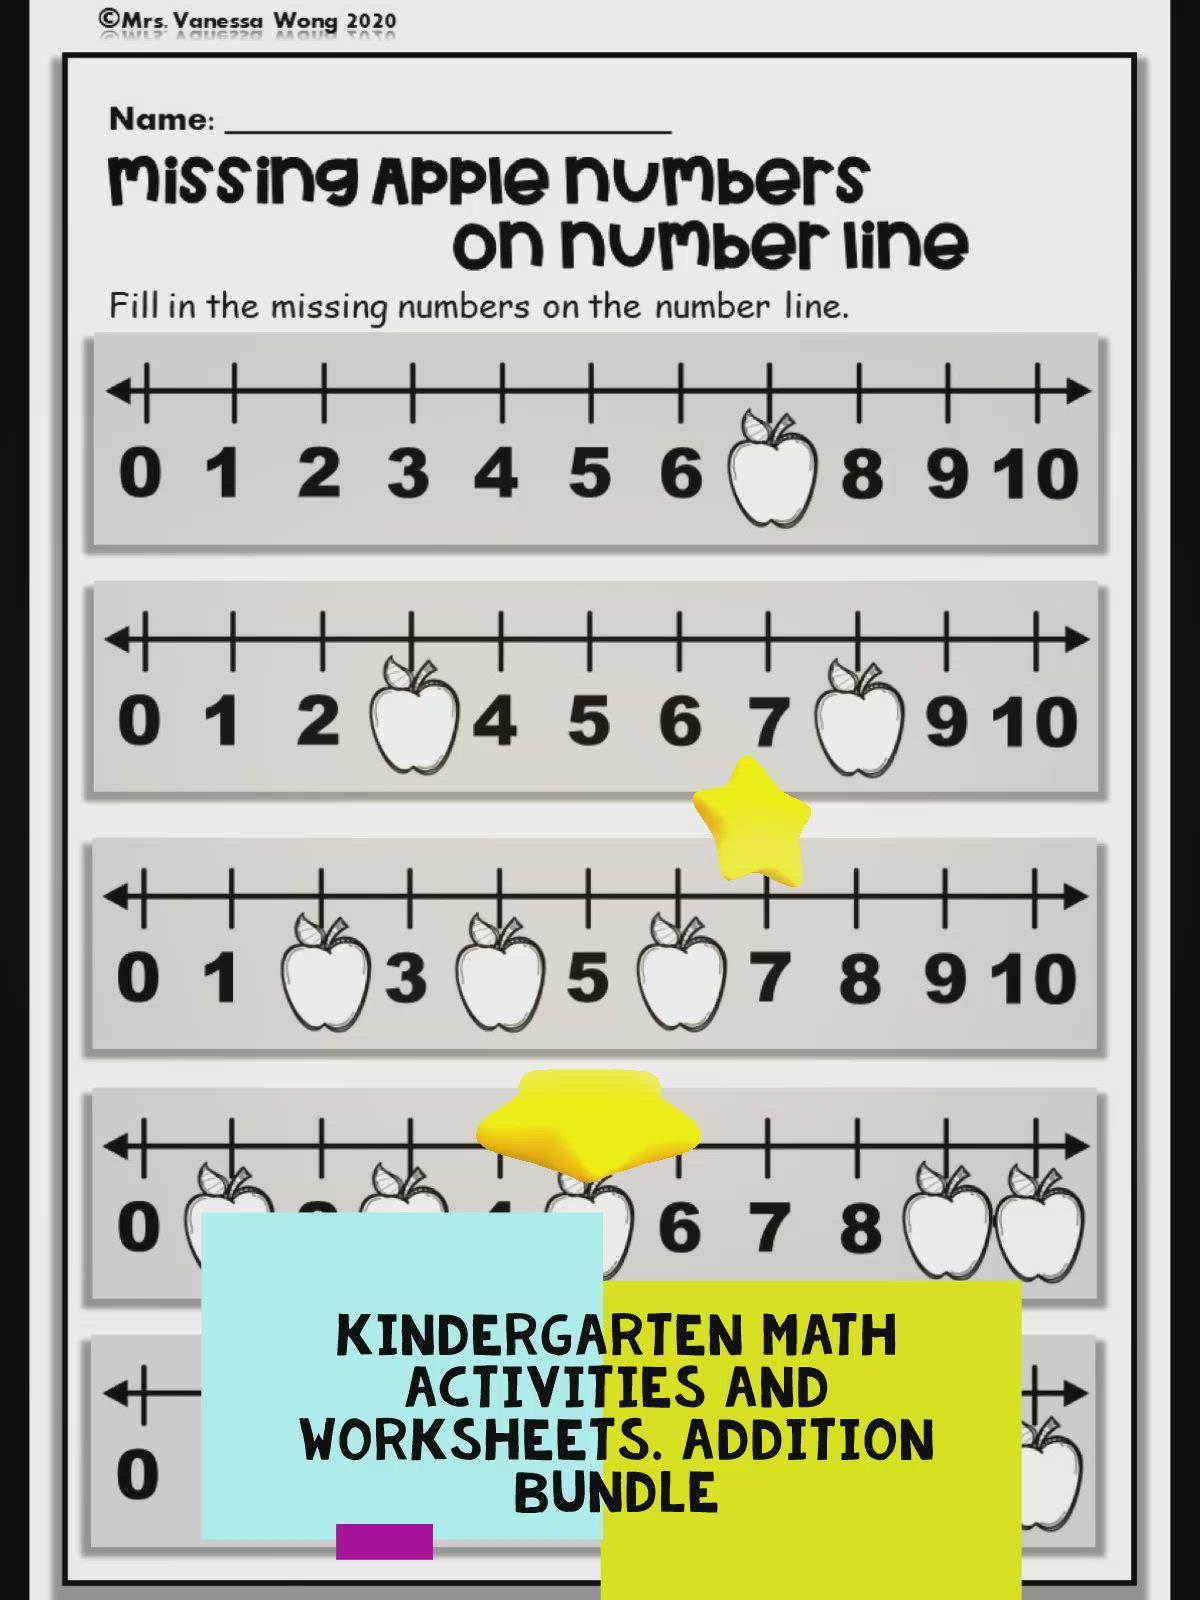 Kindergarten Math Worksheets And Activities Addition To 10 Video Kindergarten Math Kindergarten Math Worksheets Addition Kindergarten Math Worksheets Kindergarten number line addition